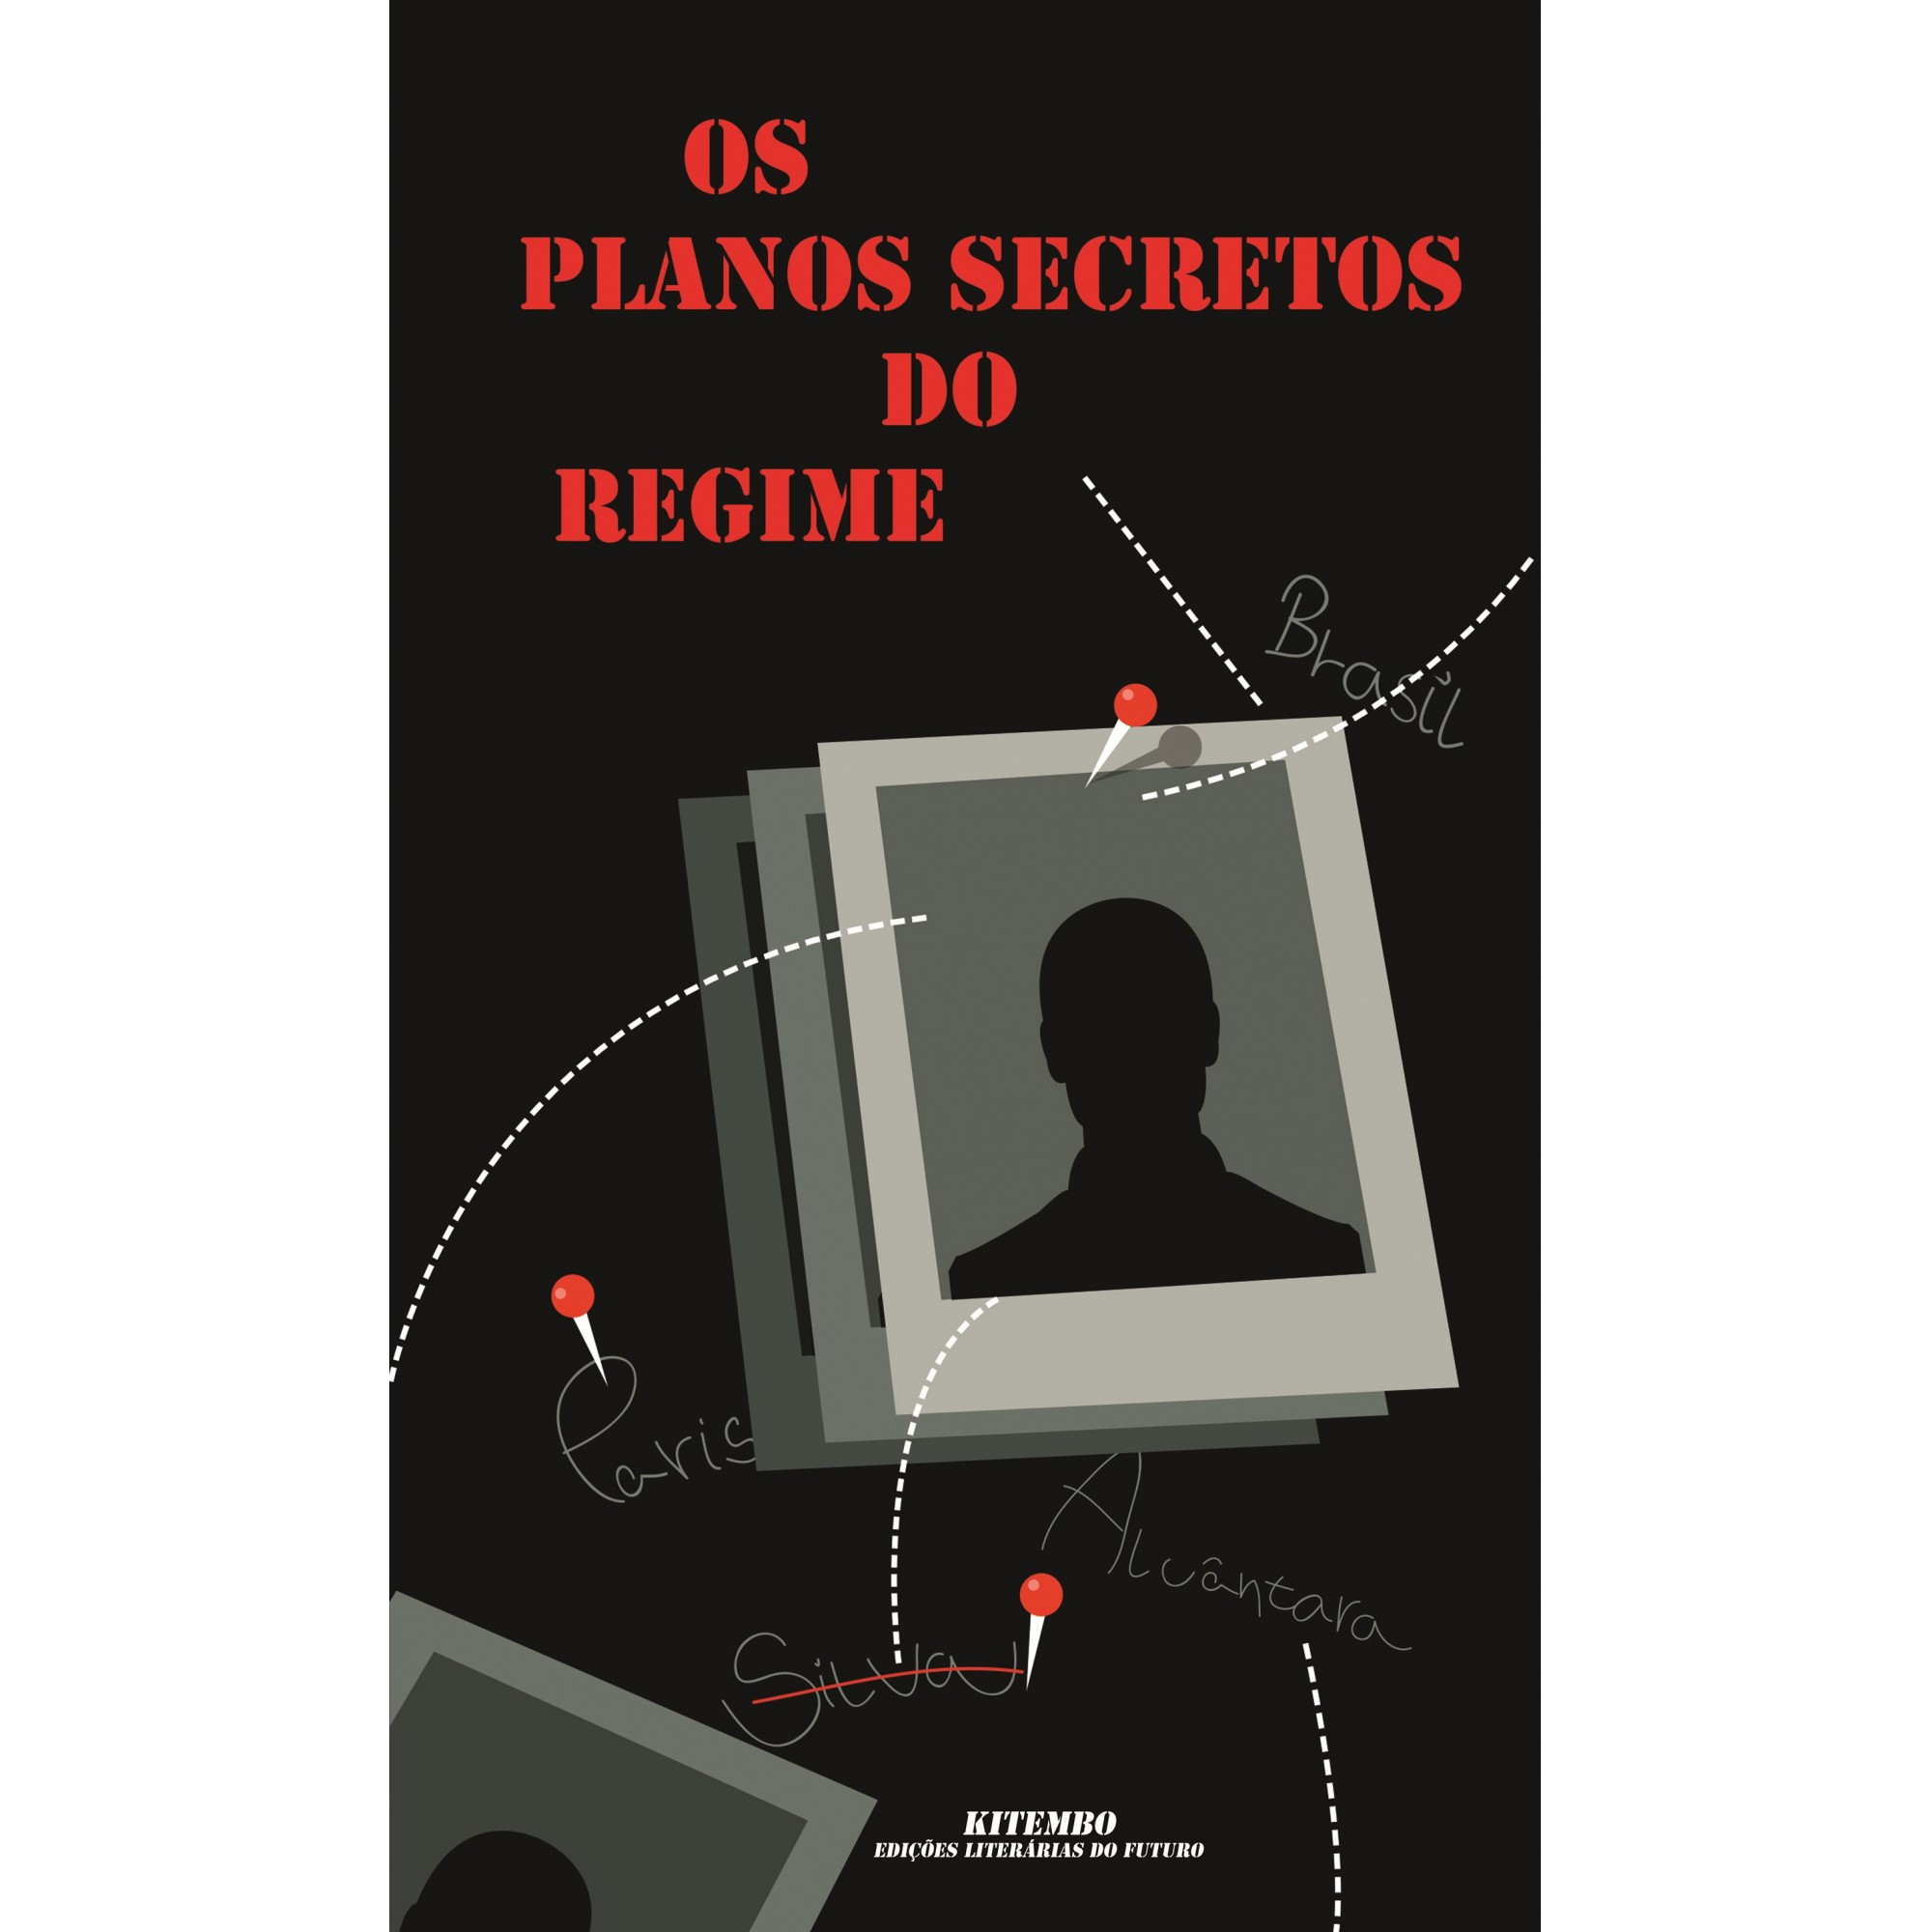 Os Planos Secretos do Regime